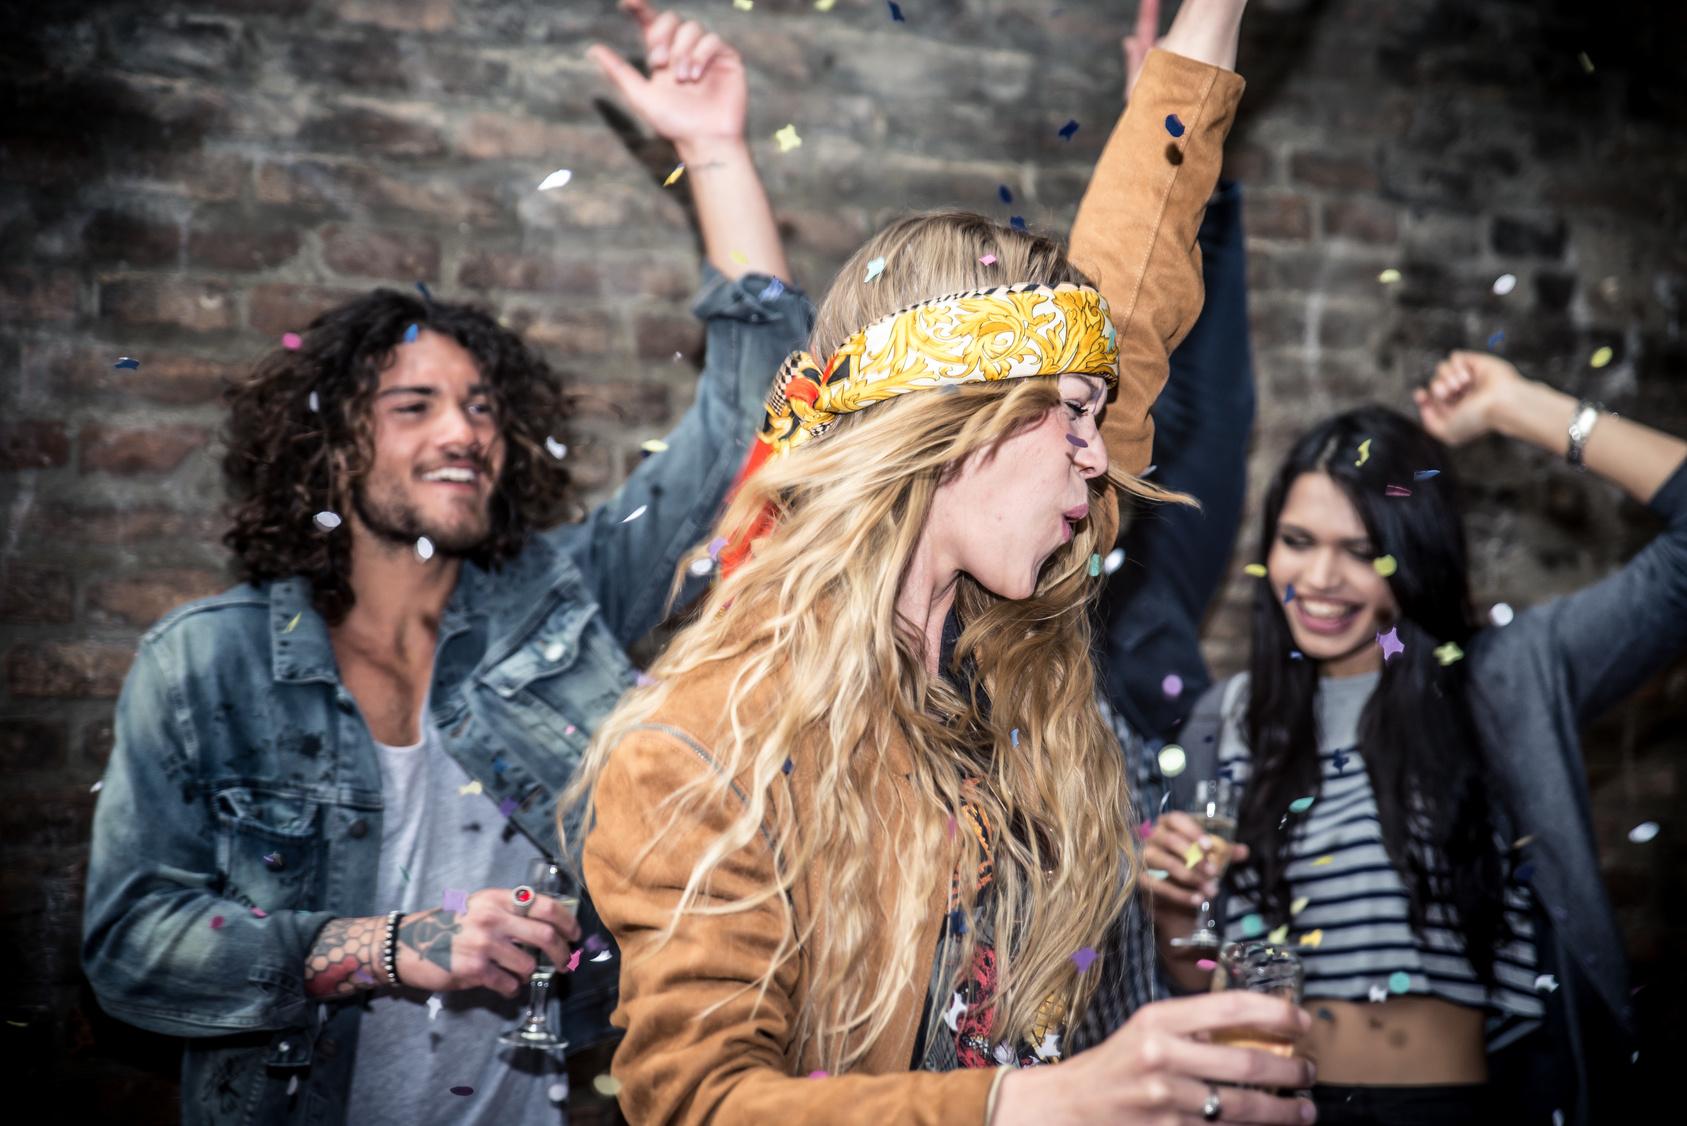 Feiernde junge Menschen im Konfettiregen.